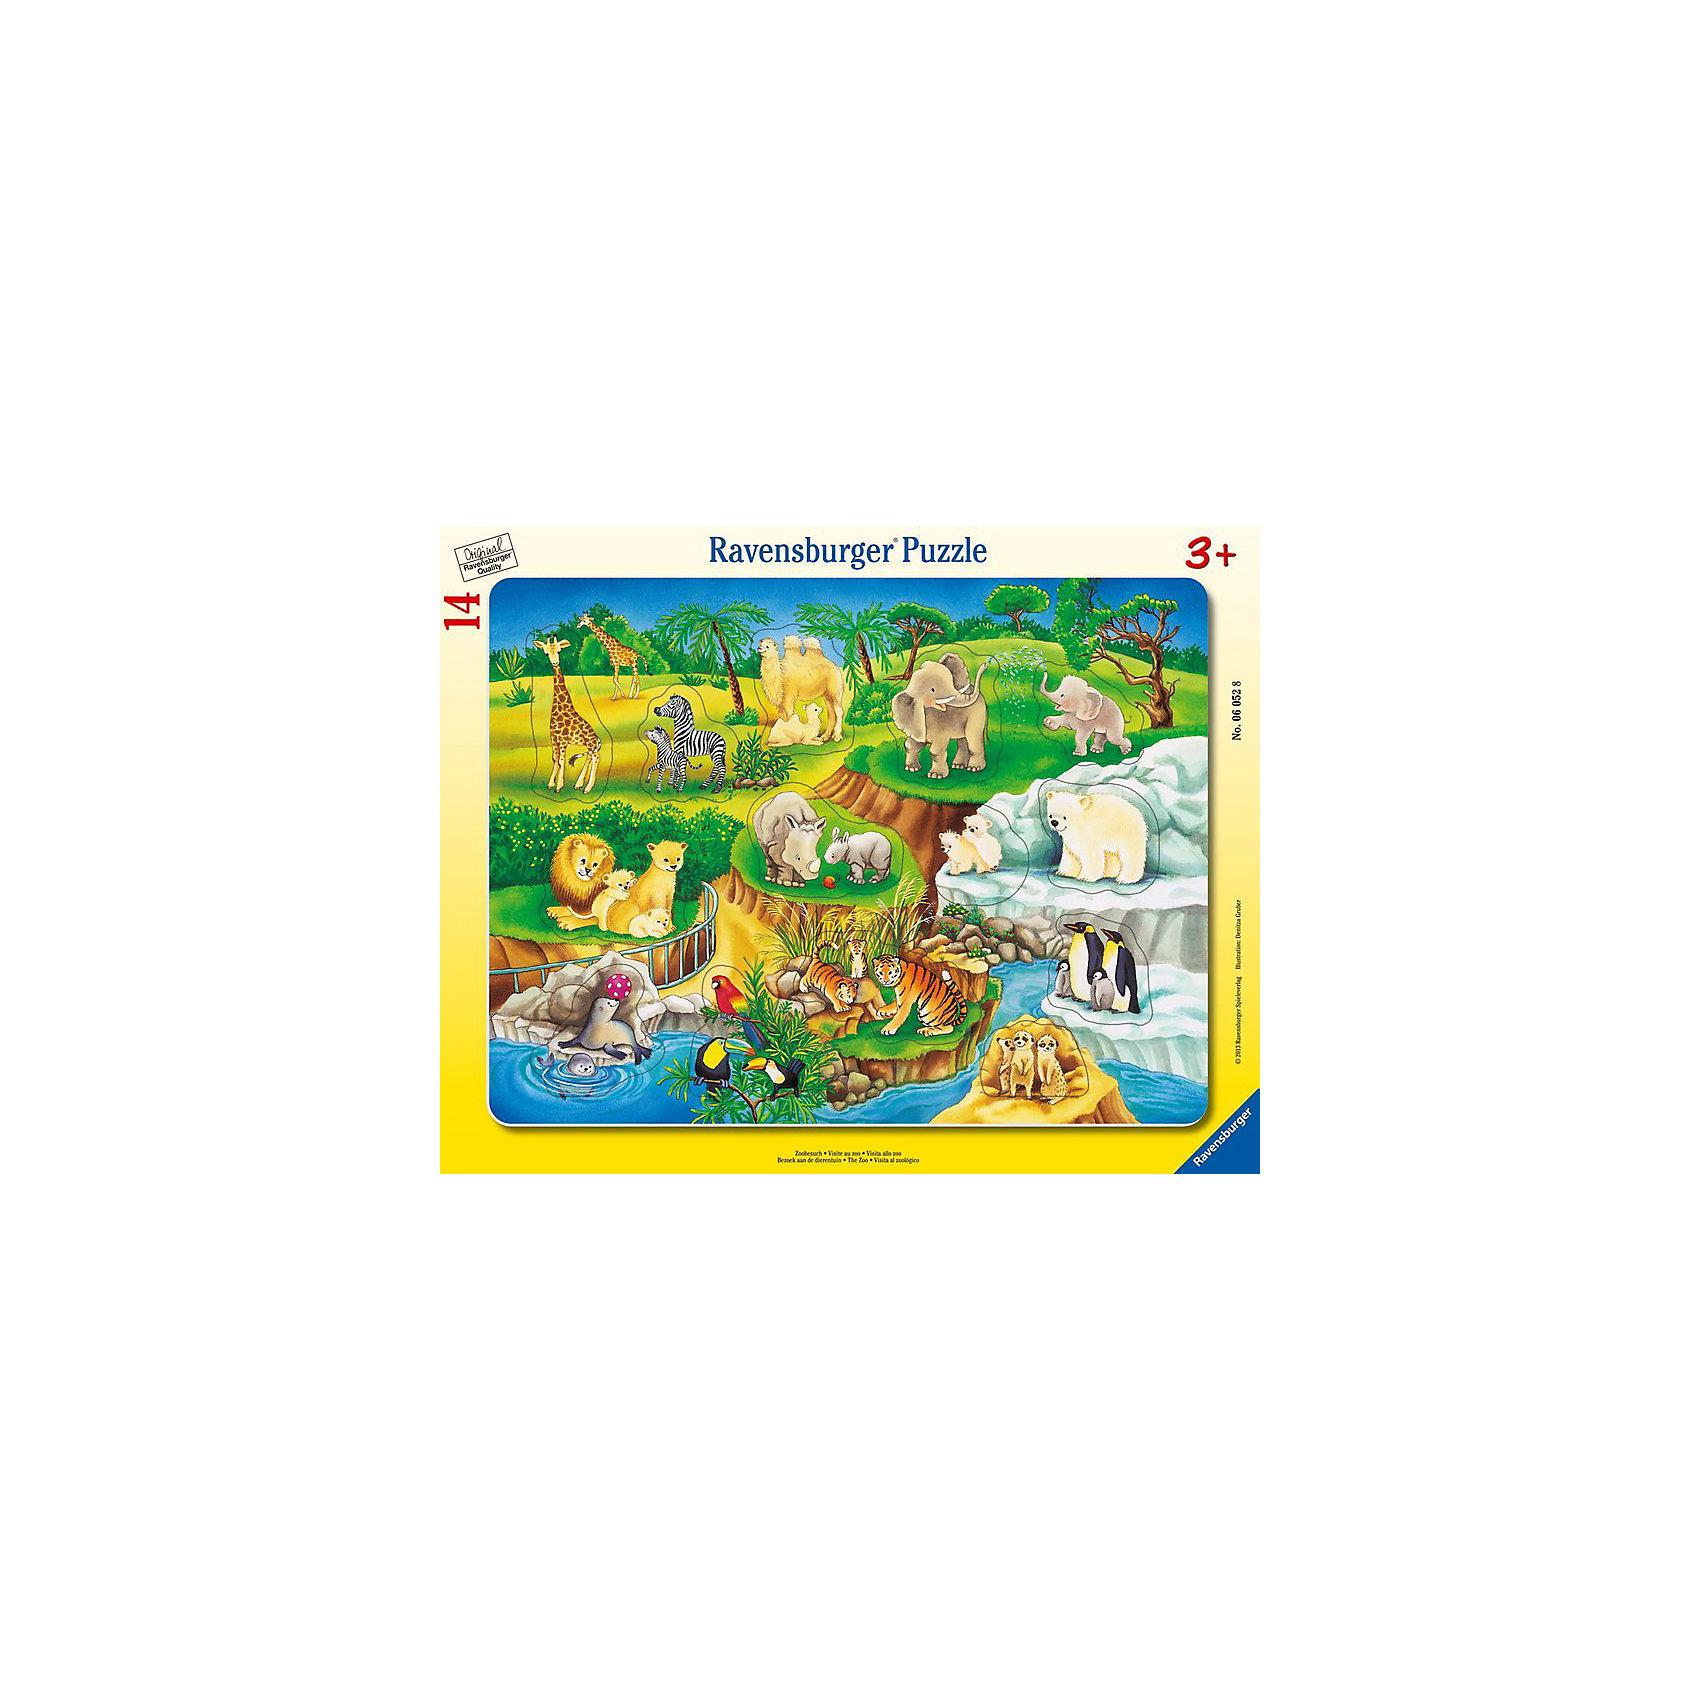 Пазл Зоопарк, 14 деталей, RavensburgerПазлы для малышей<br>Пазл Зоопарк, 14 деталей, Ravensburger (Равенсбургер) – это отличная развивающая игра-головоломка для детей.<br>Красочный пазл Зоопарк от немецкого производителя Ravensburger (Равенсбургер) состоит из 14 крупных картинок, изготовленных из качественного экологичного материала. Пазл познакомит ребенка с обитателями зоопарка. Малышу предстоит правильно разместить животных с детенышами на картинке с изображением территории зоопарка. Процесс сборки пазла не только увлечет ребенка, но поможет развить мелкую моторику рук, наблюдательность, логическое мышление, усидчивость, терпение, аккуратность, внимание и познакомит с окружающим миром. Пазлы Ravensburger (Равенсбургер) - это высочайшее качество картона и полиграфии. Детали пазла не ломаются, не подвергаются деформации при сборке. Элементы пазла идеально соединяются друг с другом, не отслаиваются с течением времени. Матовая поверхность исключает отблески.<br><br>Дополнительная информация:<br><br>- Количество деталей: 14<br>- Размер картинки: 33х25 см.<br>- Материал: прочный, качественный картон<br>- Размер упаковки: 38 x 30 x 1 см.<br><br>Пазл Зоопарк, 14 деталей, Ravensburger (Равенсбургер) можно купить в нашем интернет-магазине.<br><br>Ширина мм: 375<br>Глубина мм: 289<br>Высота мм: 7<br>Вес г: 296<br>Возраст от месяцев: 36<br>Возраст до месяцев: 60<br>Пол: Унисекс<br>Возраст: Детский<br>Количество деталей: 14<br>SKU: 2886866